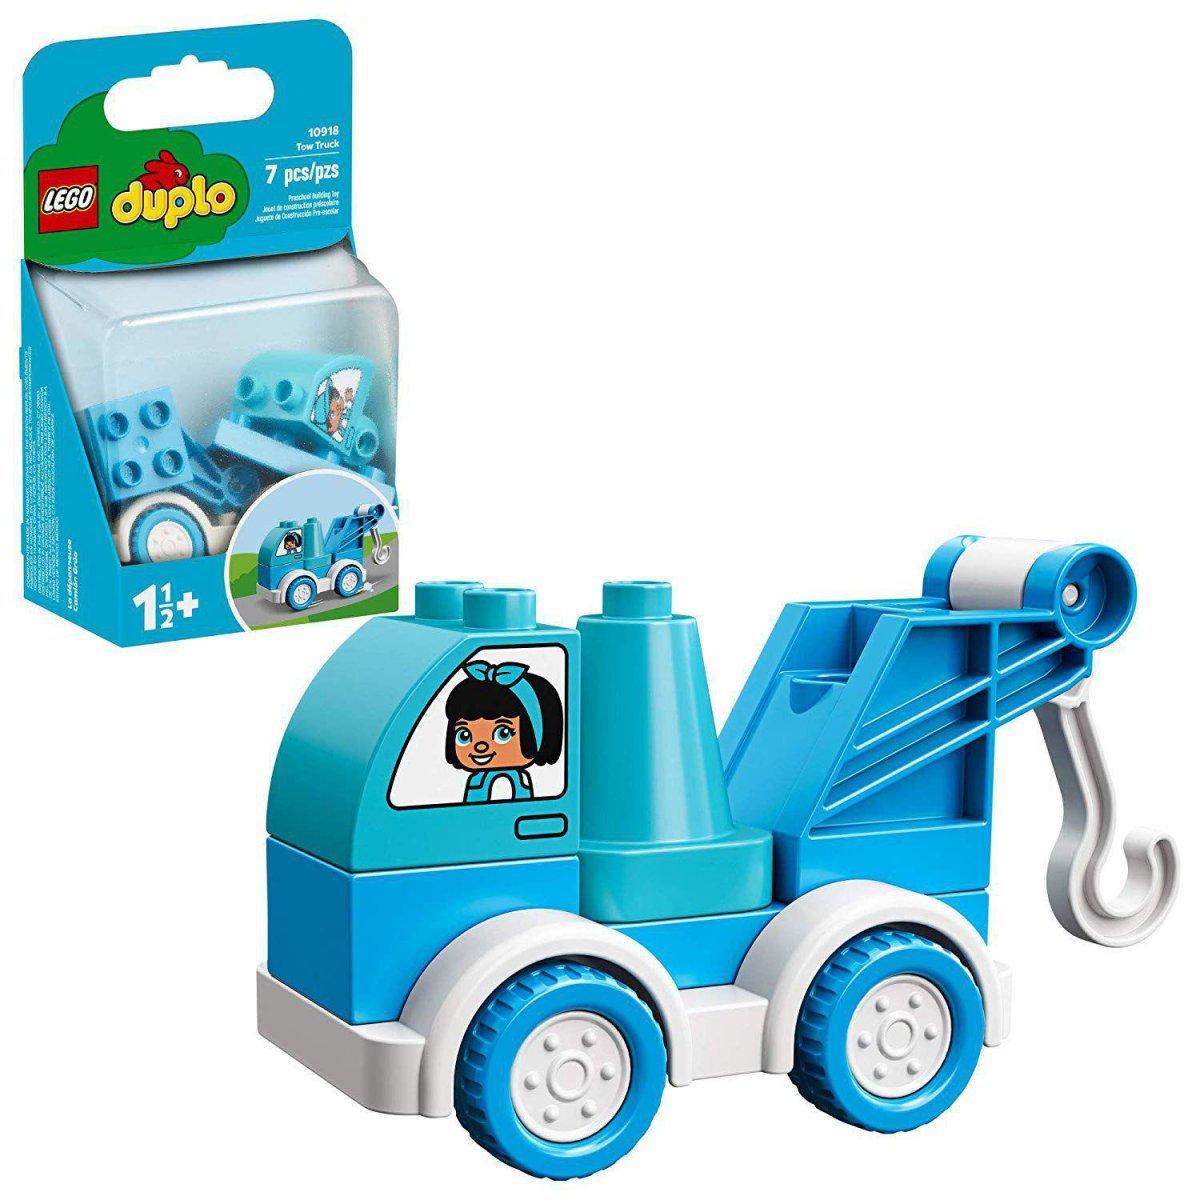 Lego Duplo - Caminhão De Reboque - Lego 10918